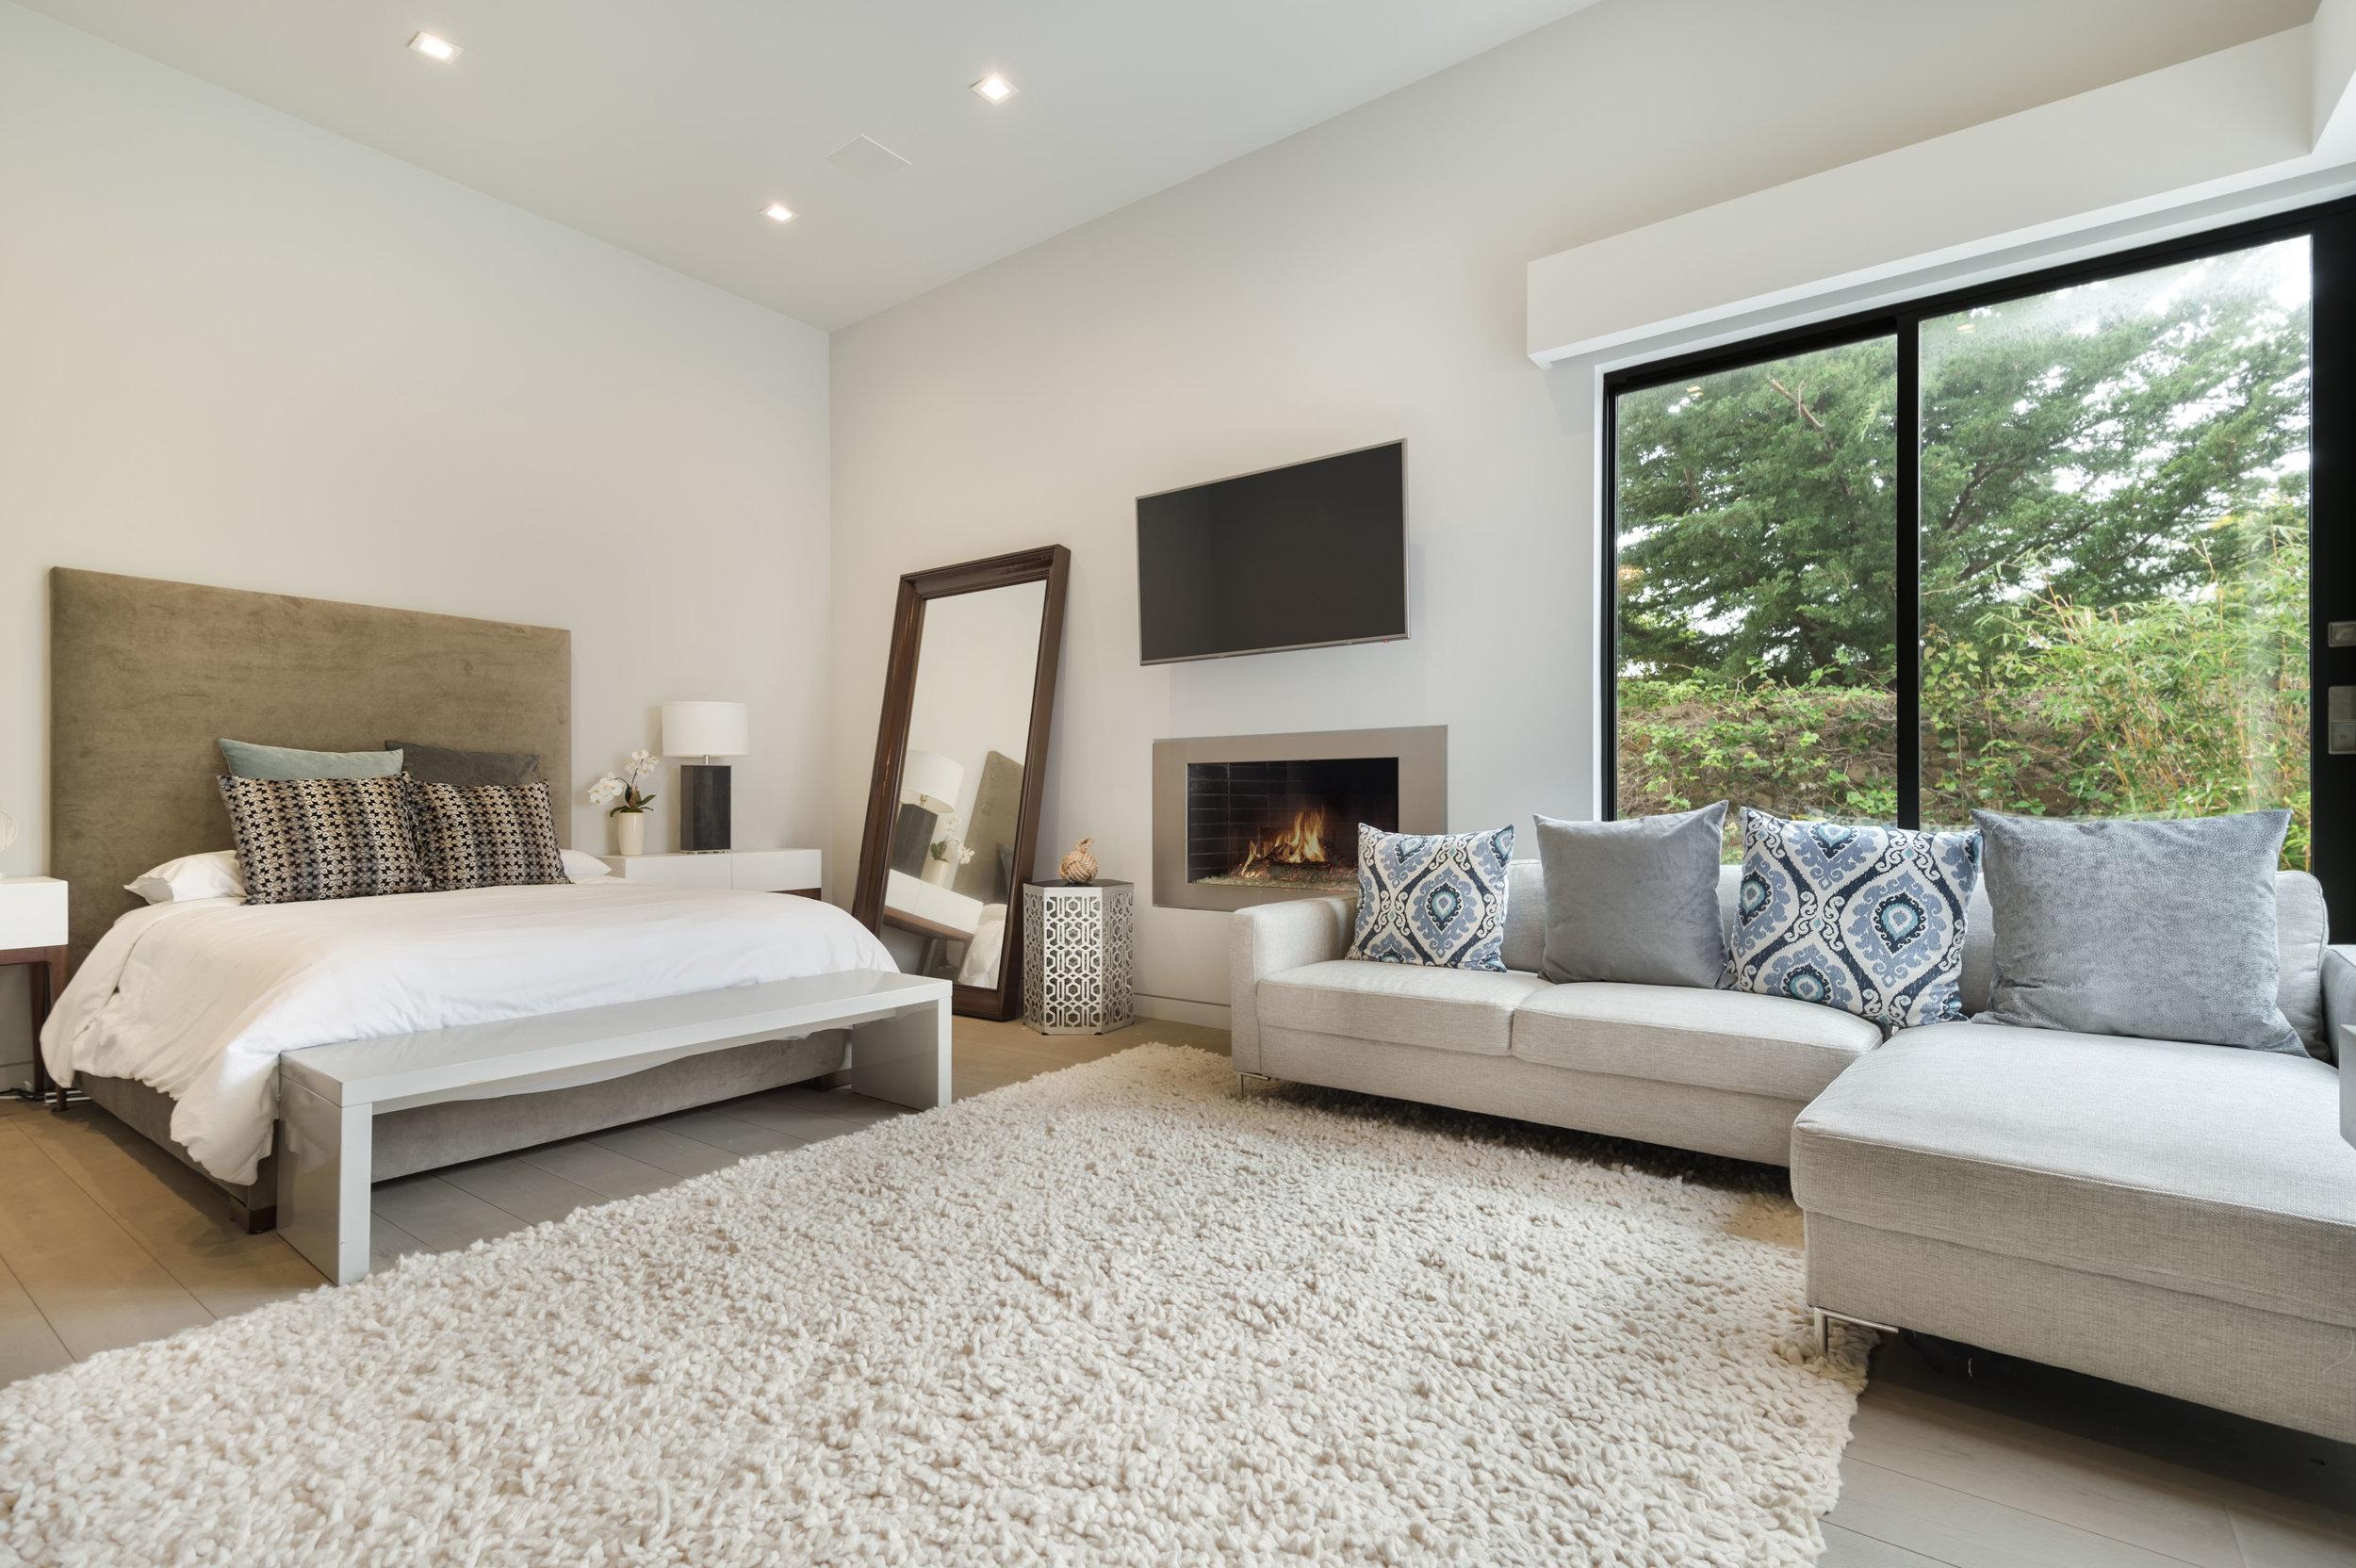 016 bedroom 2 11902 Ellice Street Malibu For Sale The Malibu Life Team Luxury Real Estate.jpg